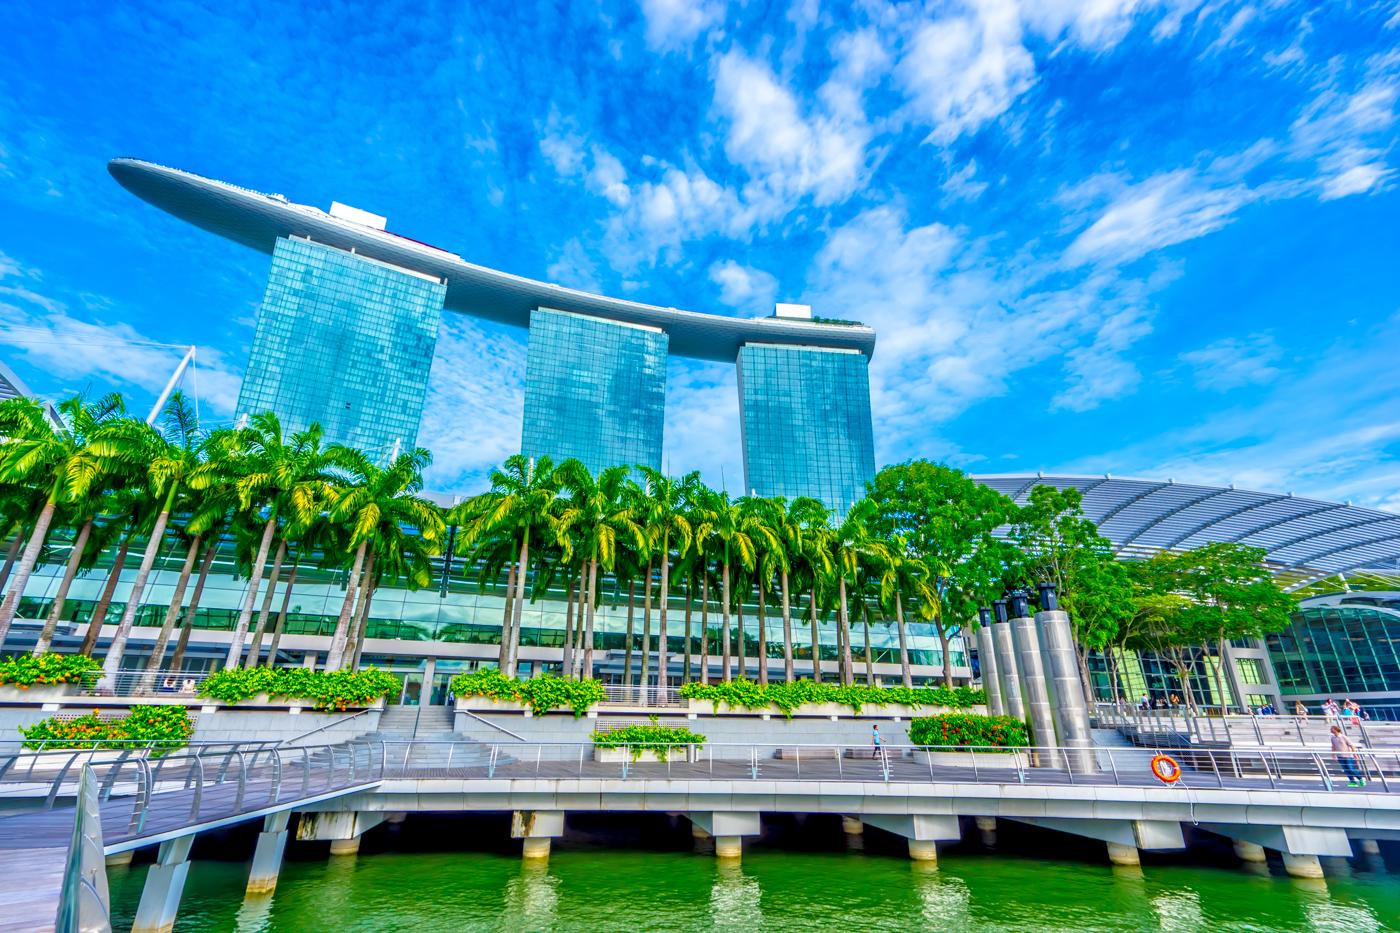 シンガポール マリーナ・ベイ・サンズ アイキャッチ画像